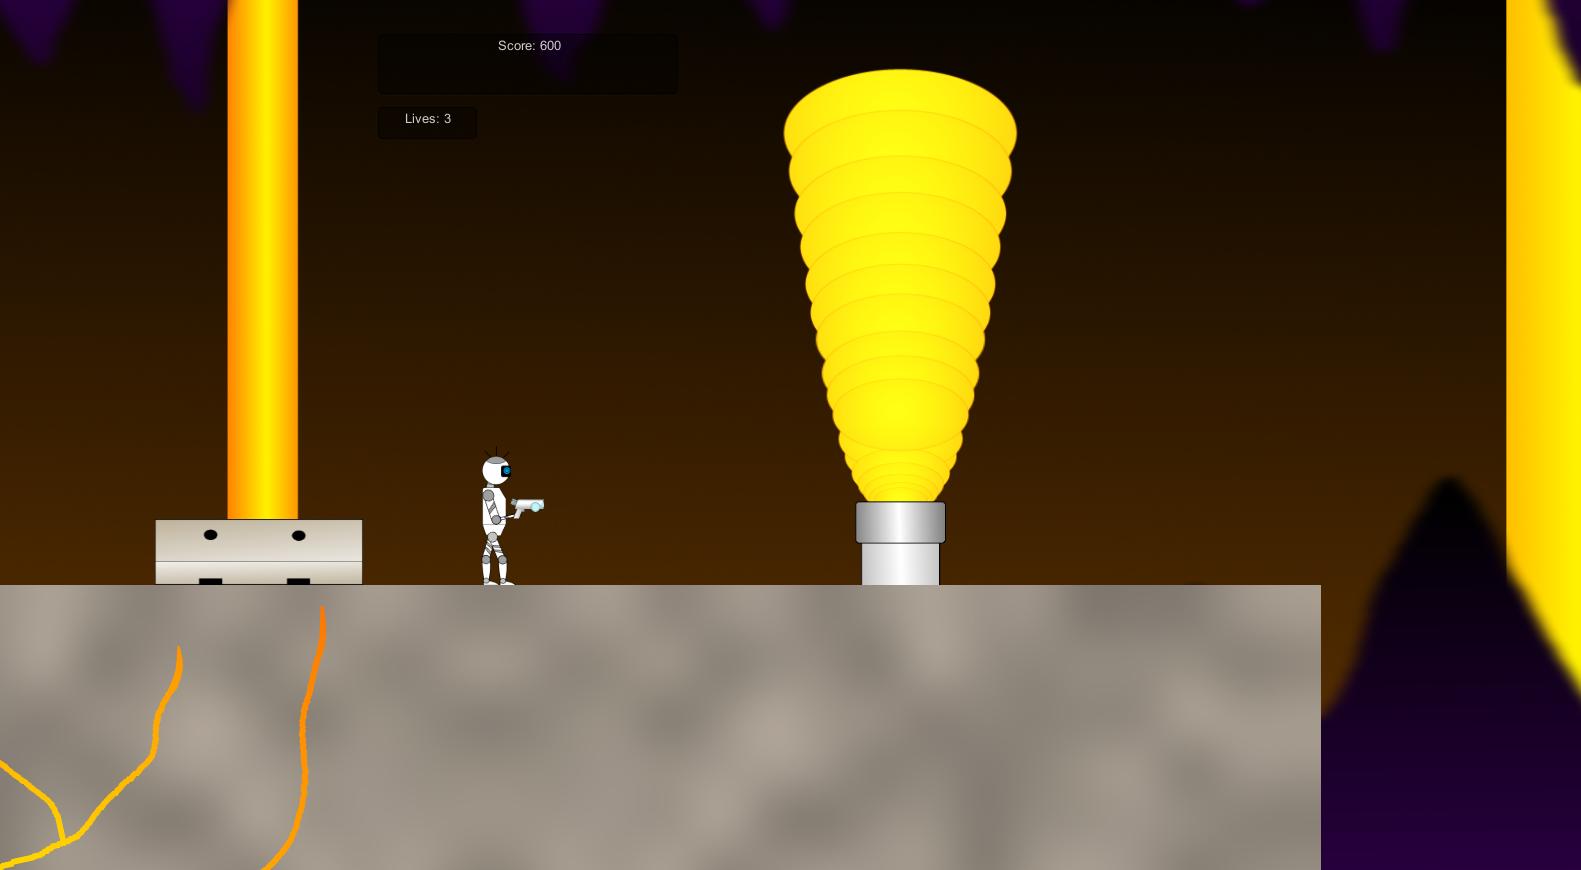 Level 6 Screenshot